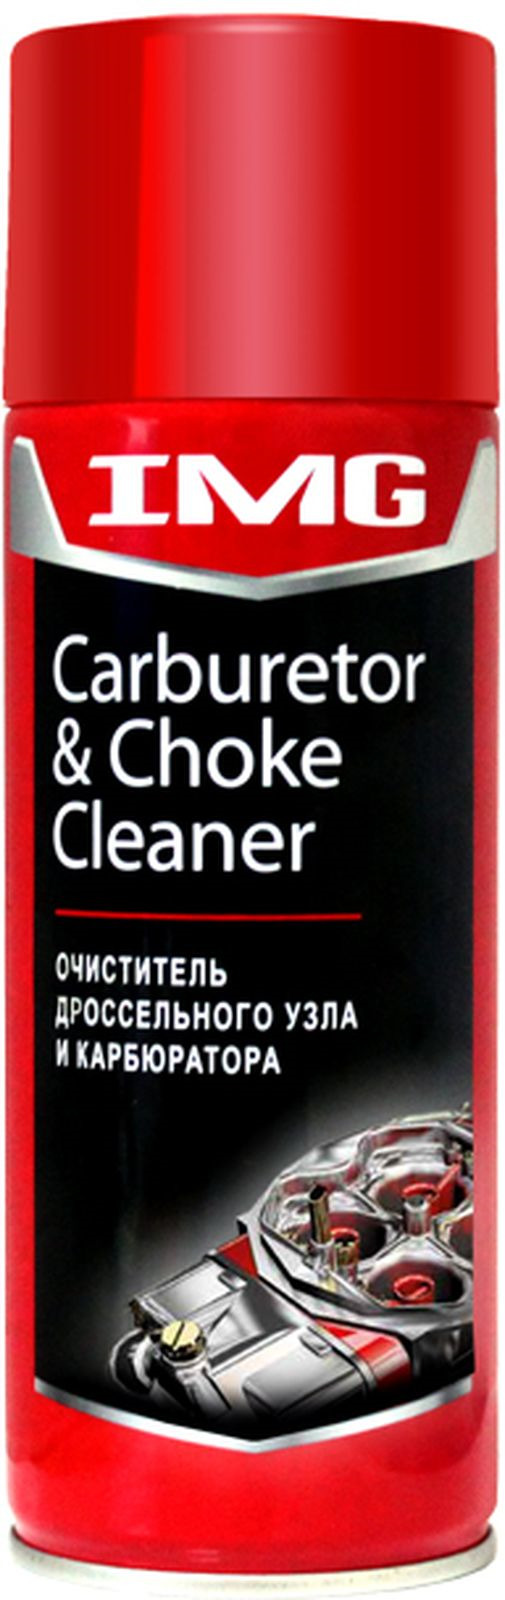 Очиститель карбюратора IMG, 520 мл